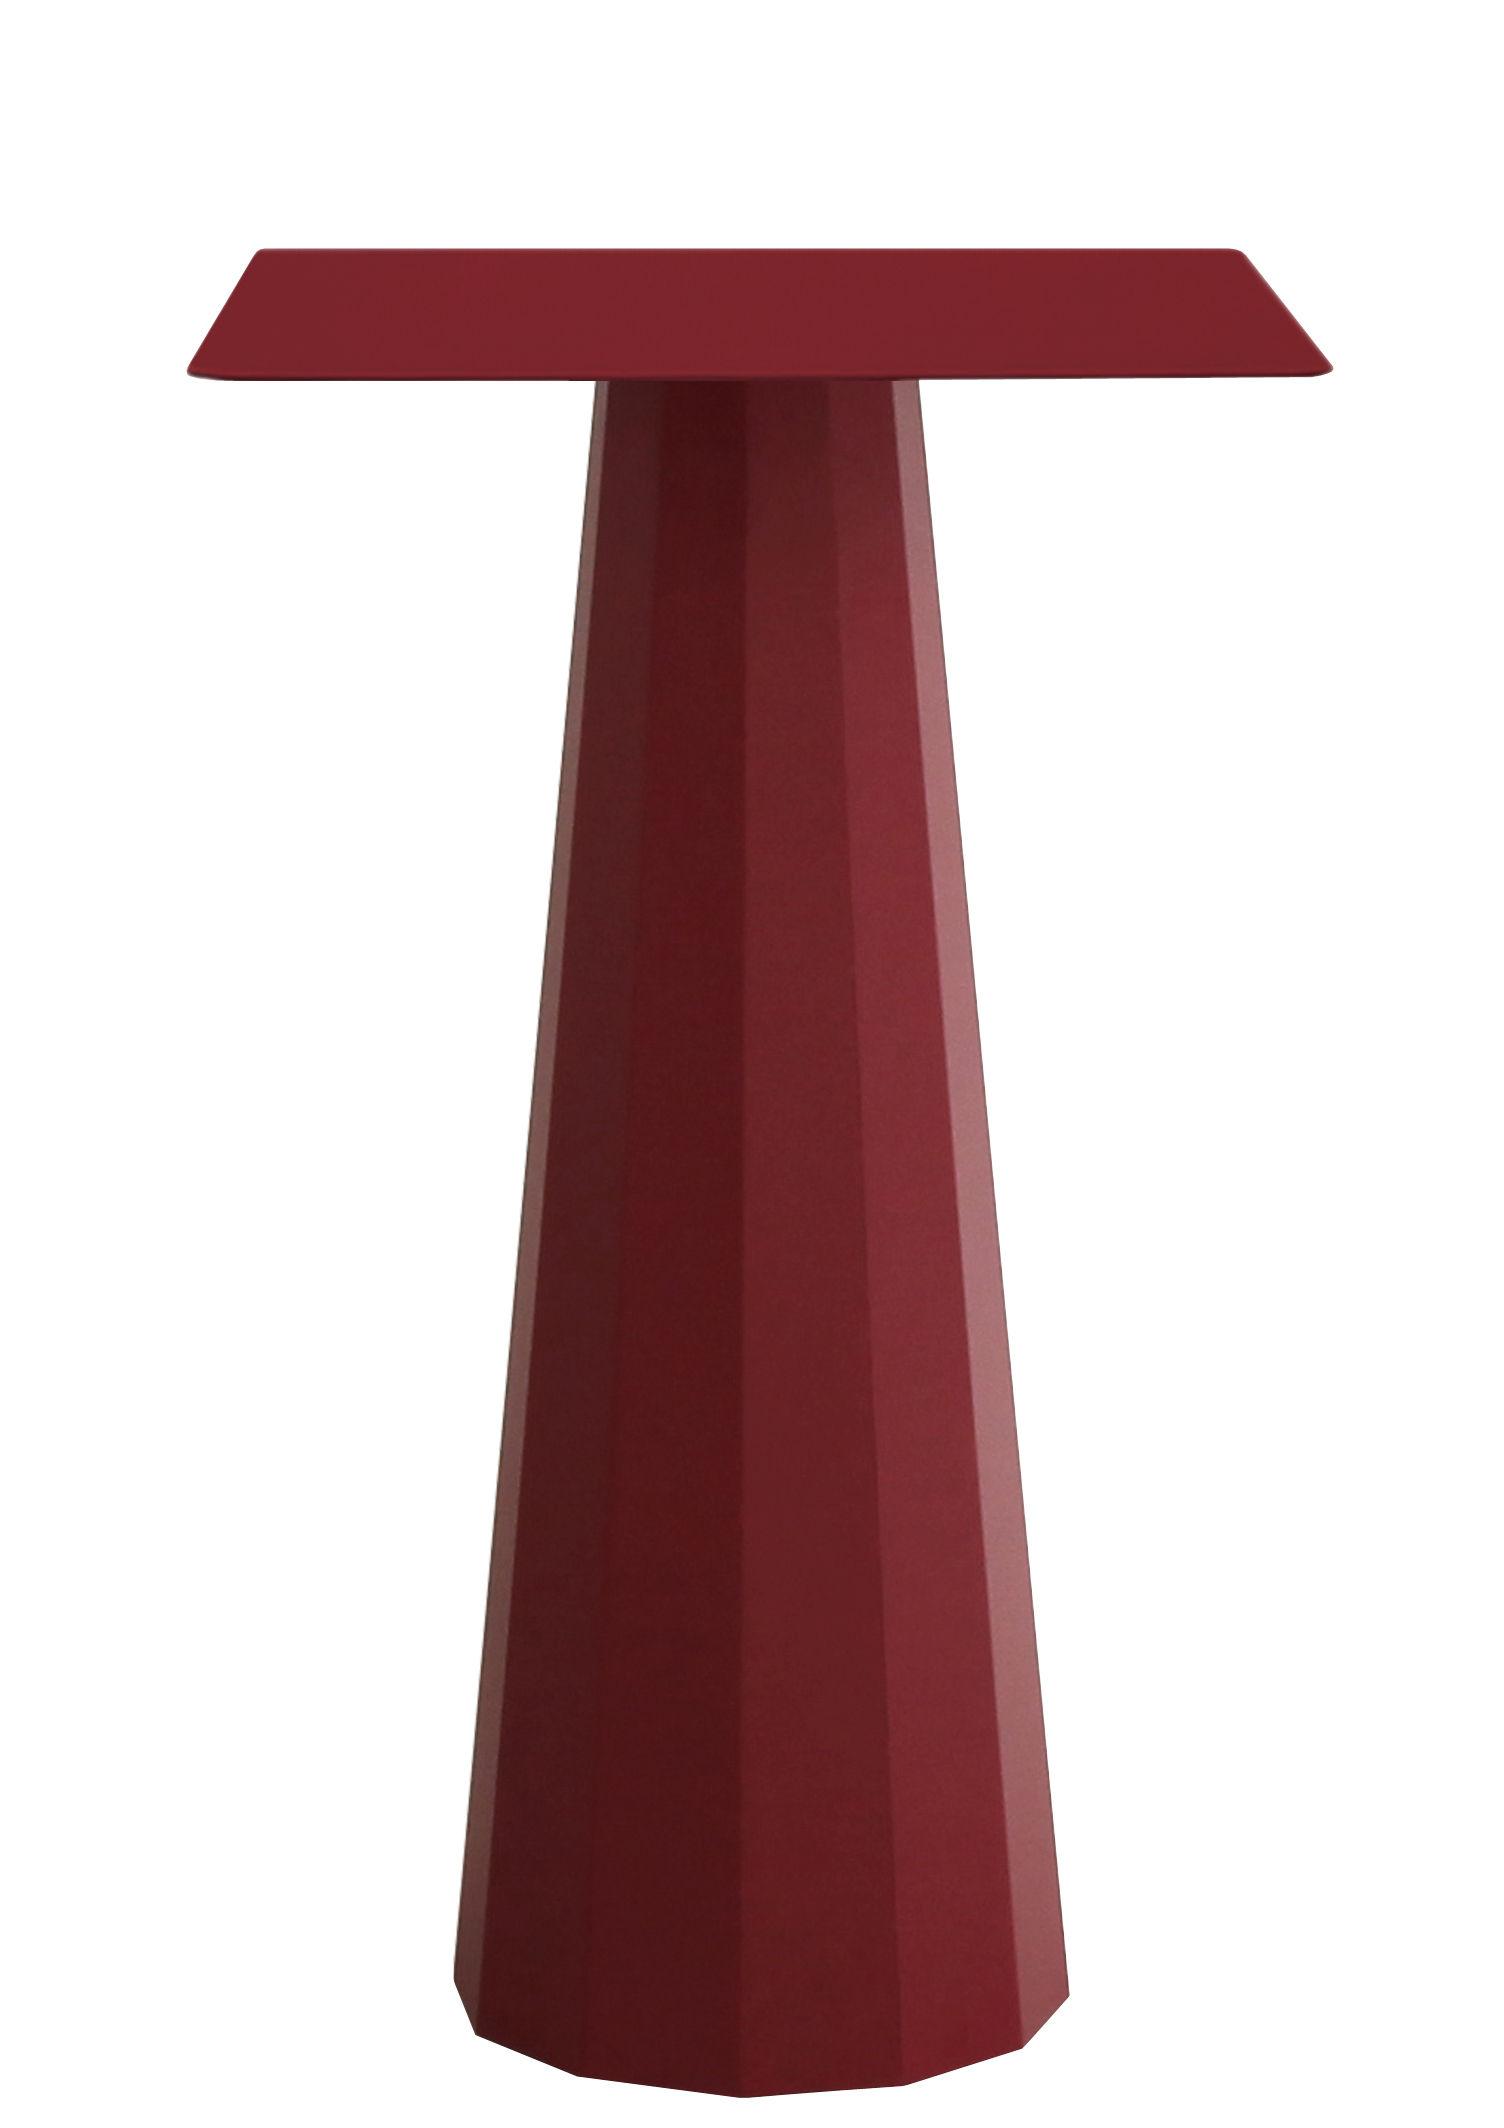 Möbel - Stehtische und Bars - Ankara Stehtisch / 70 x 70 cm x H 110 cm - Matière Grise - Purpurrot - Stahl